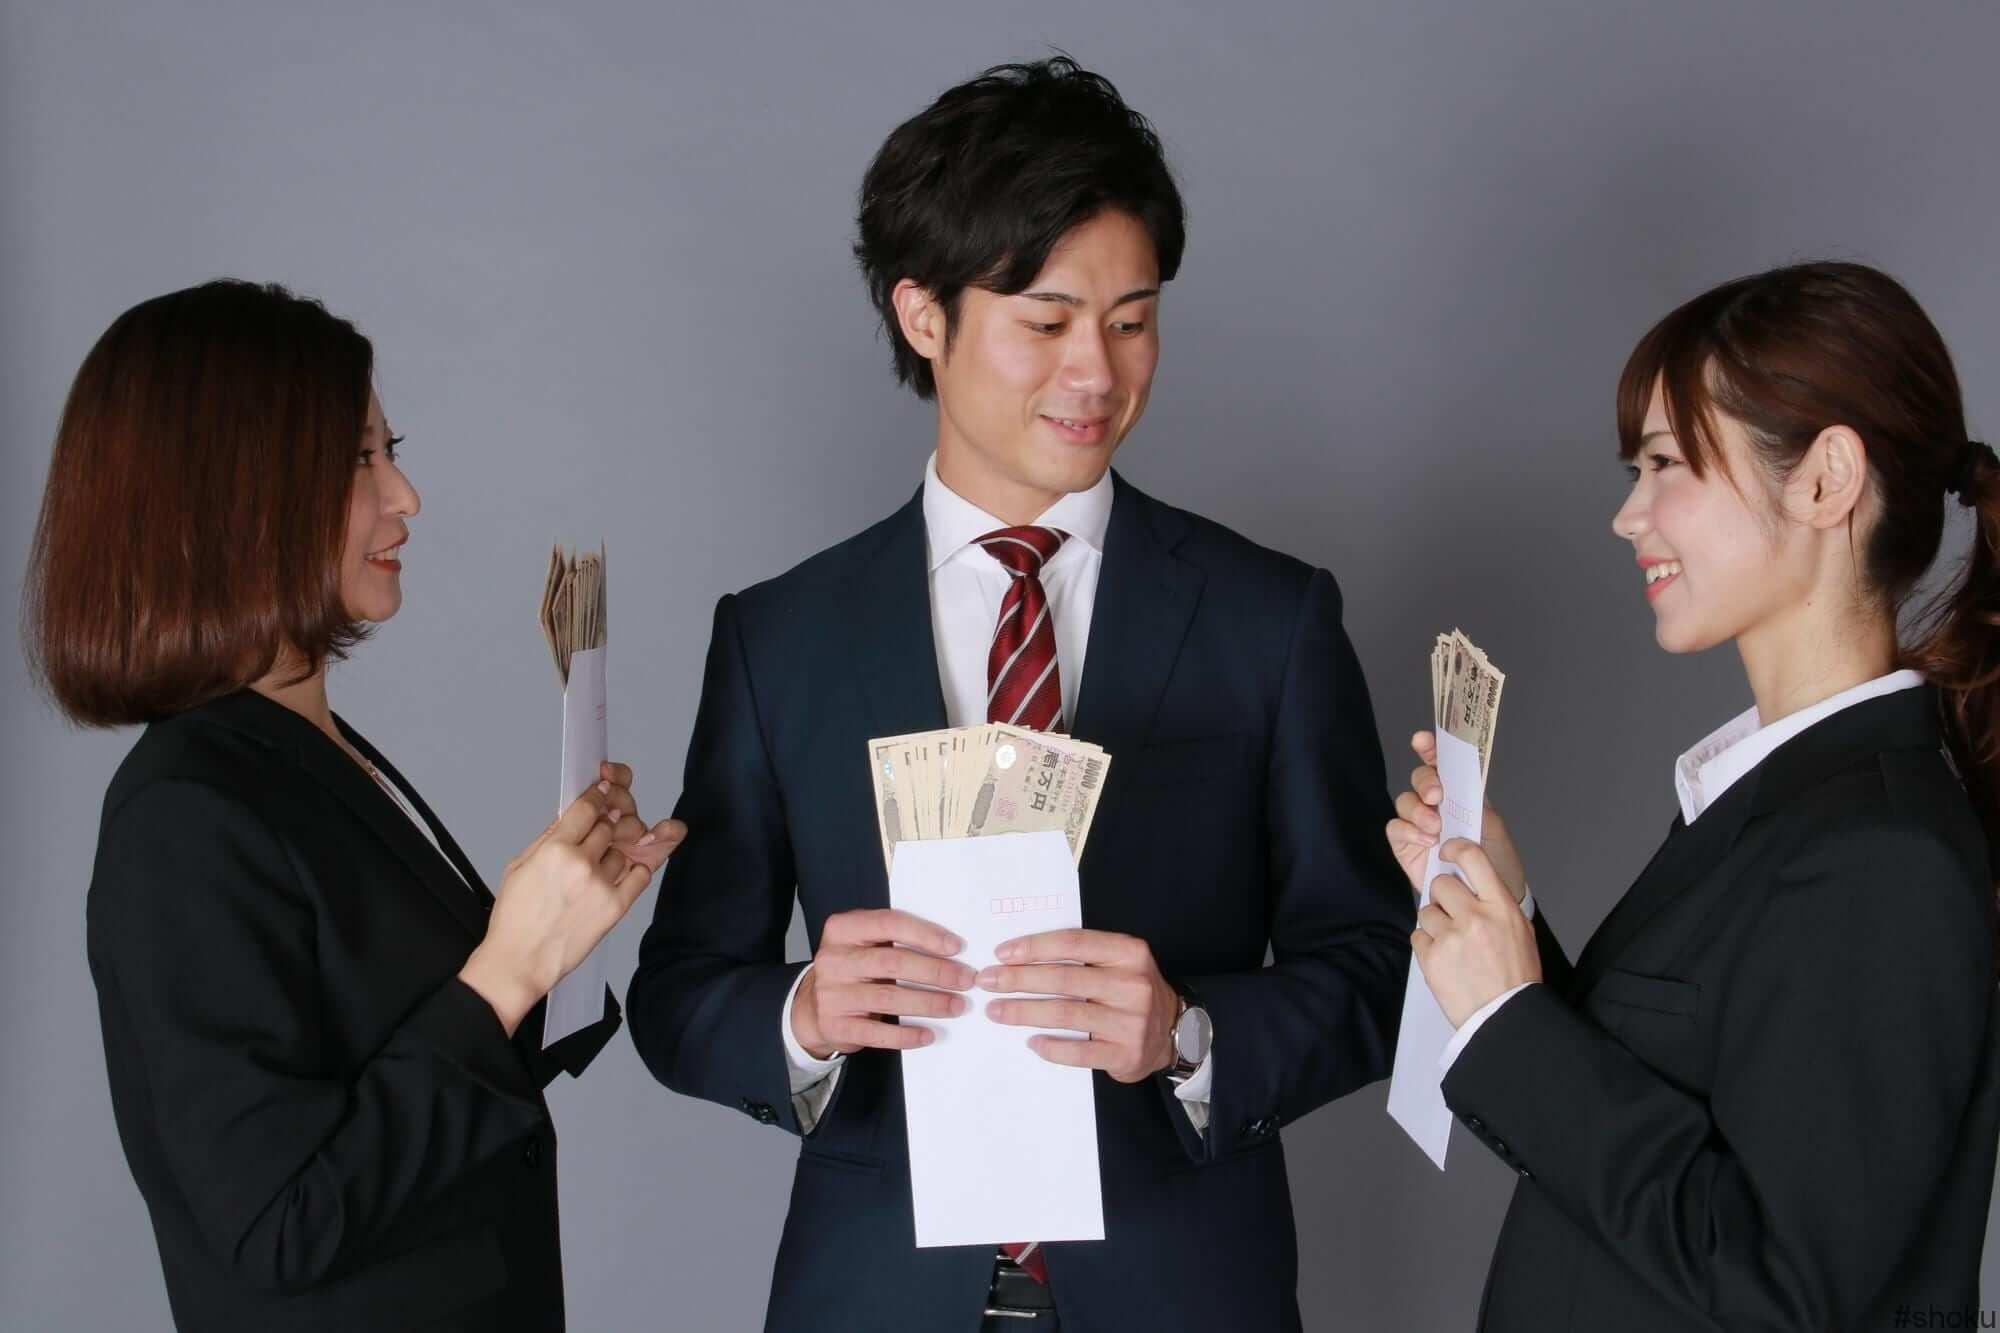 一般事務における派遣勤務の平均給与を比べ合う人々